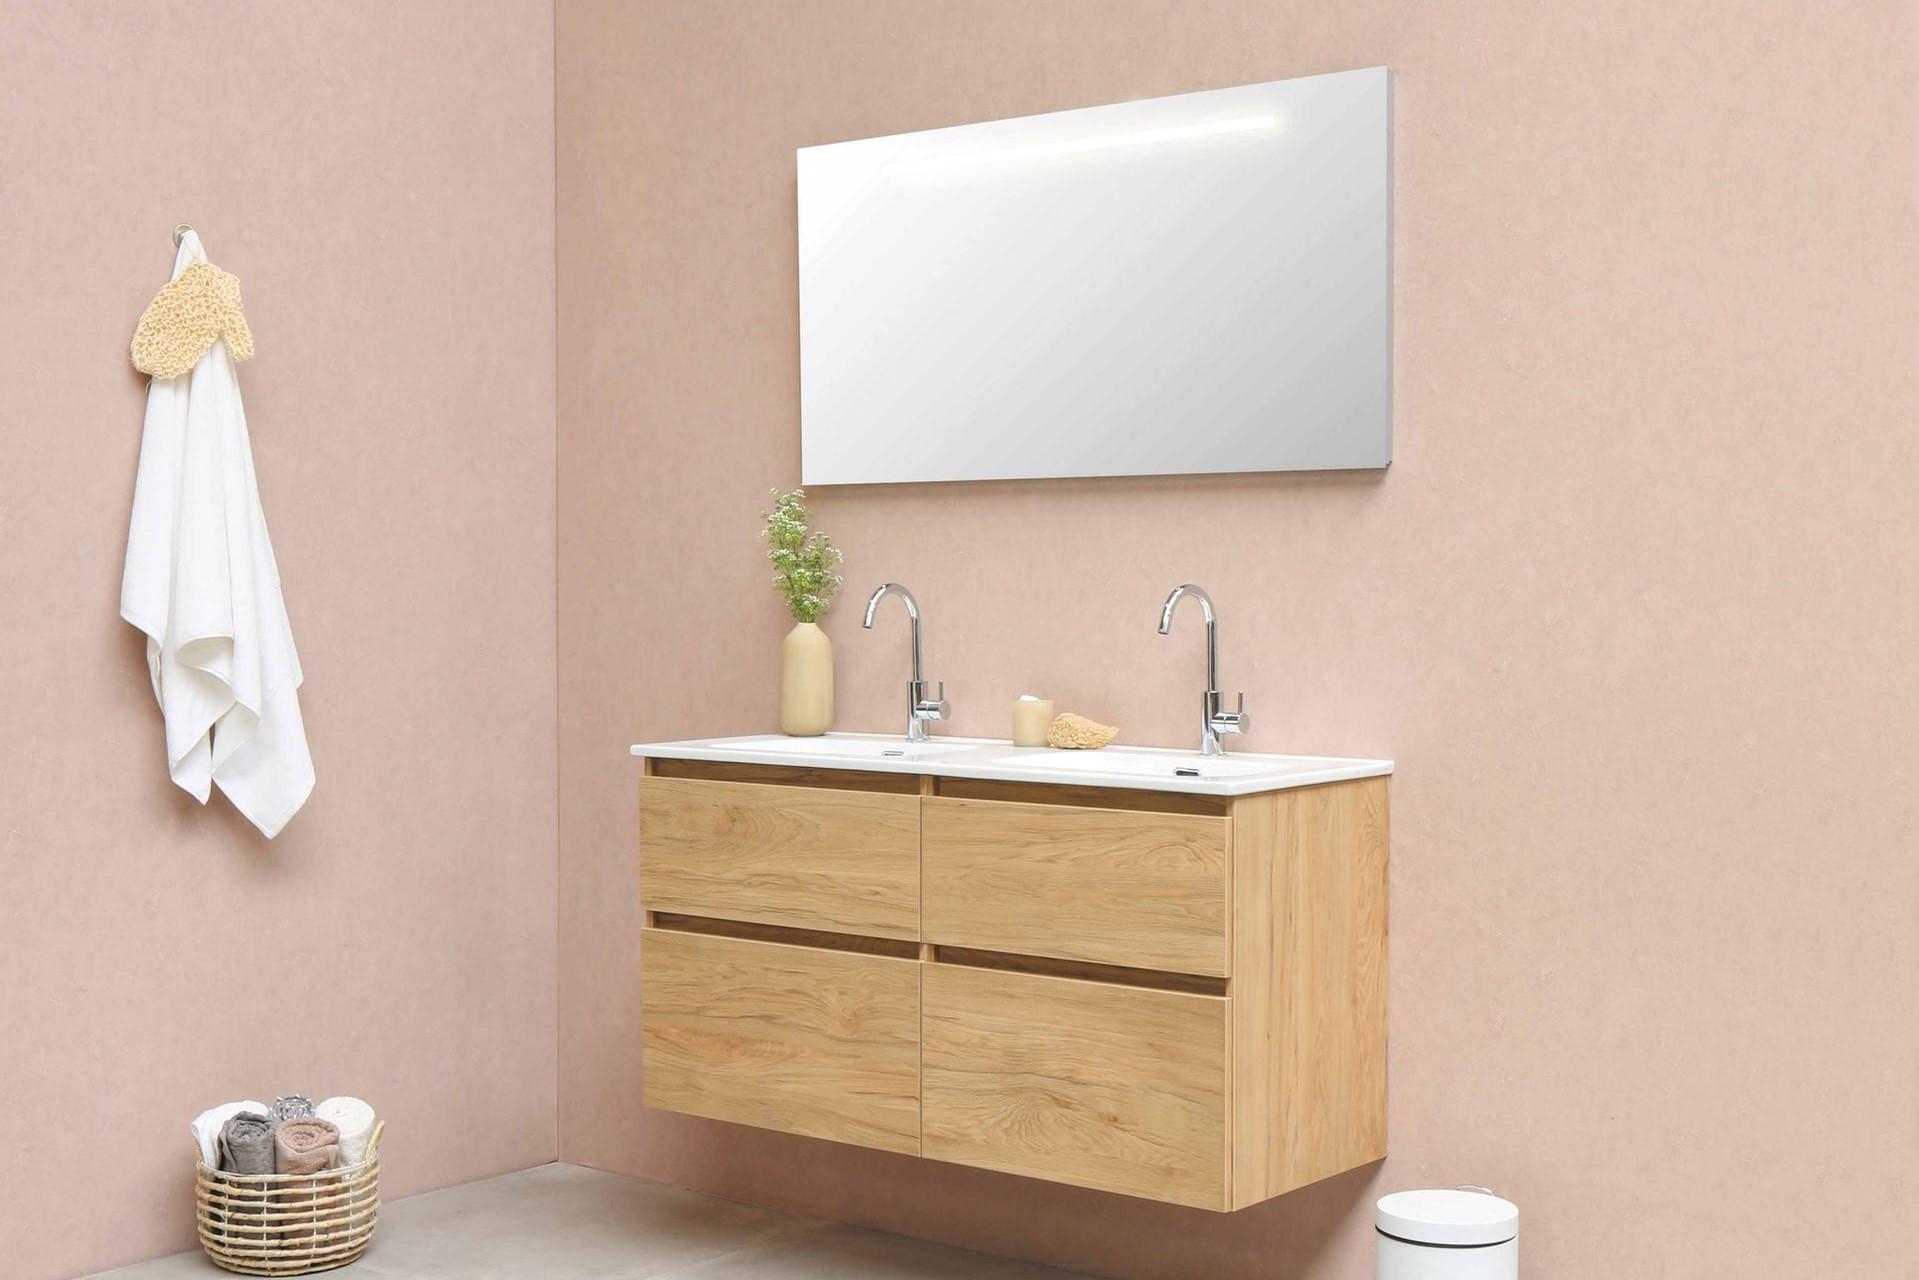 浴室と洗面所には「パステルカラー」と「清潔感」を